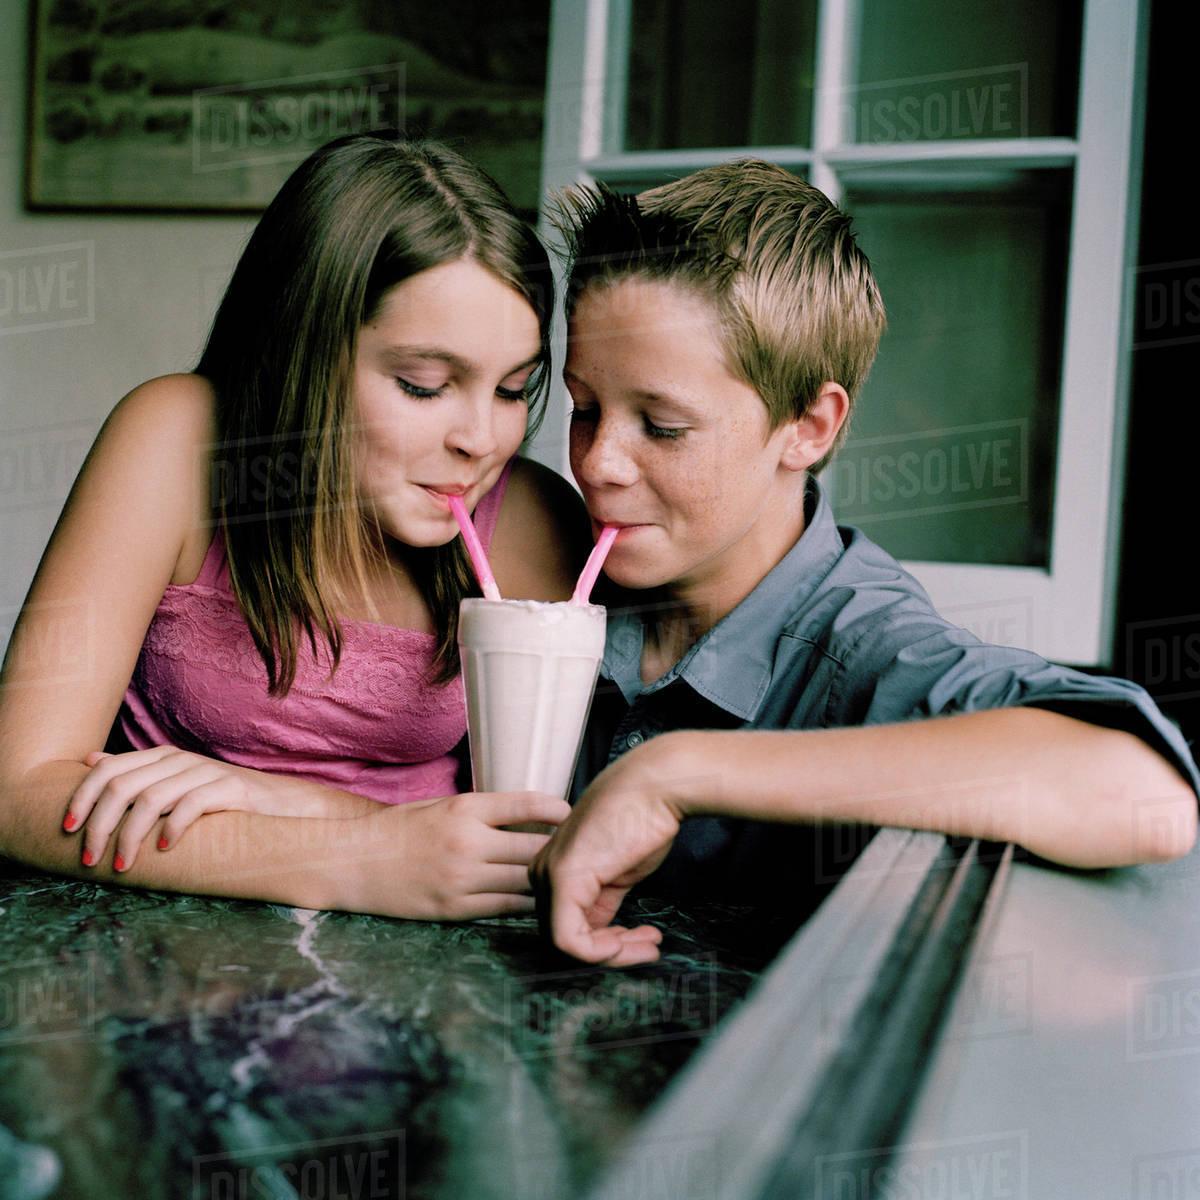 Young teen girl couple